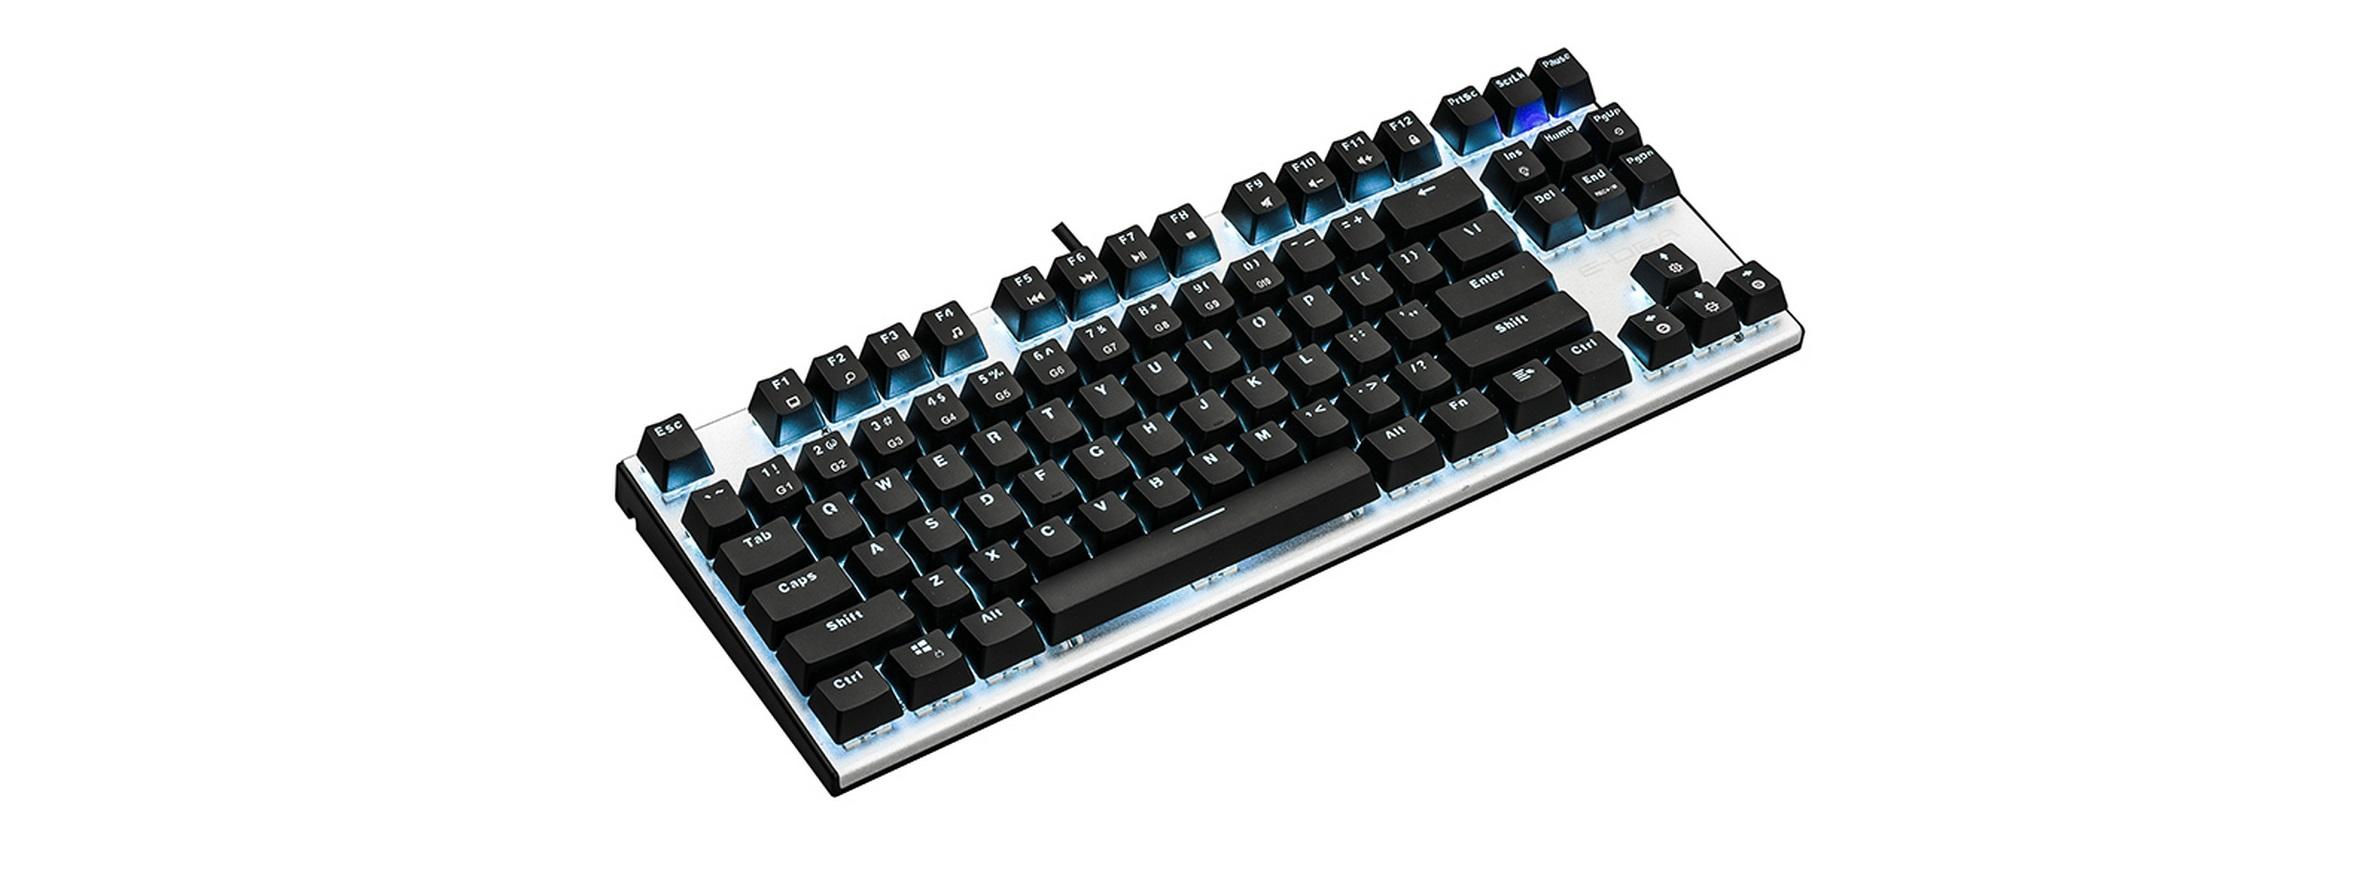 Bàn phím cơ E-Dra EK3087 (USB/Blue Led/Outemu Blue switch) trang bị led nổi bật